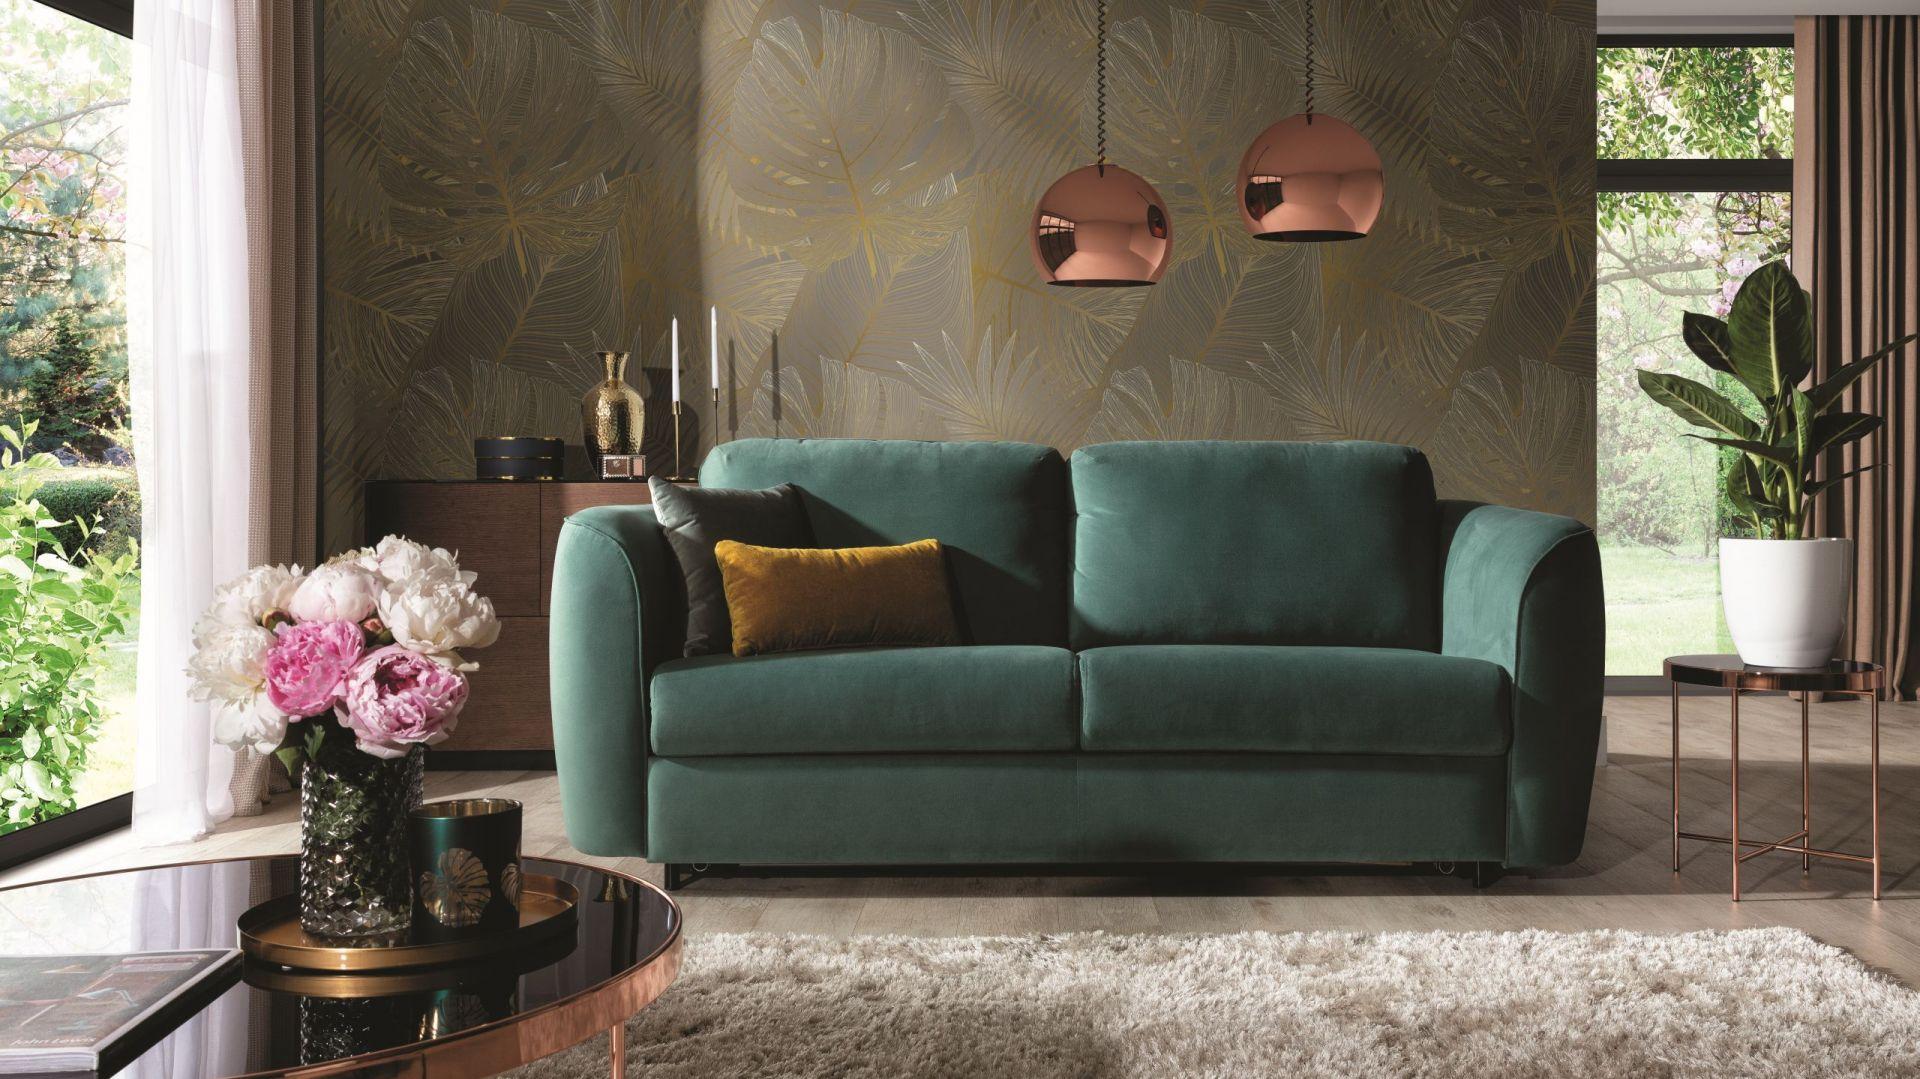 Sofa z funkcją spania Cali łączy design i funkcjonalność. Fot. Wajnert Meble